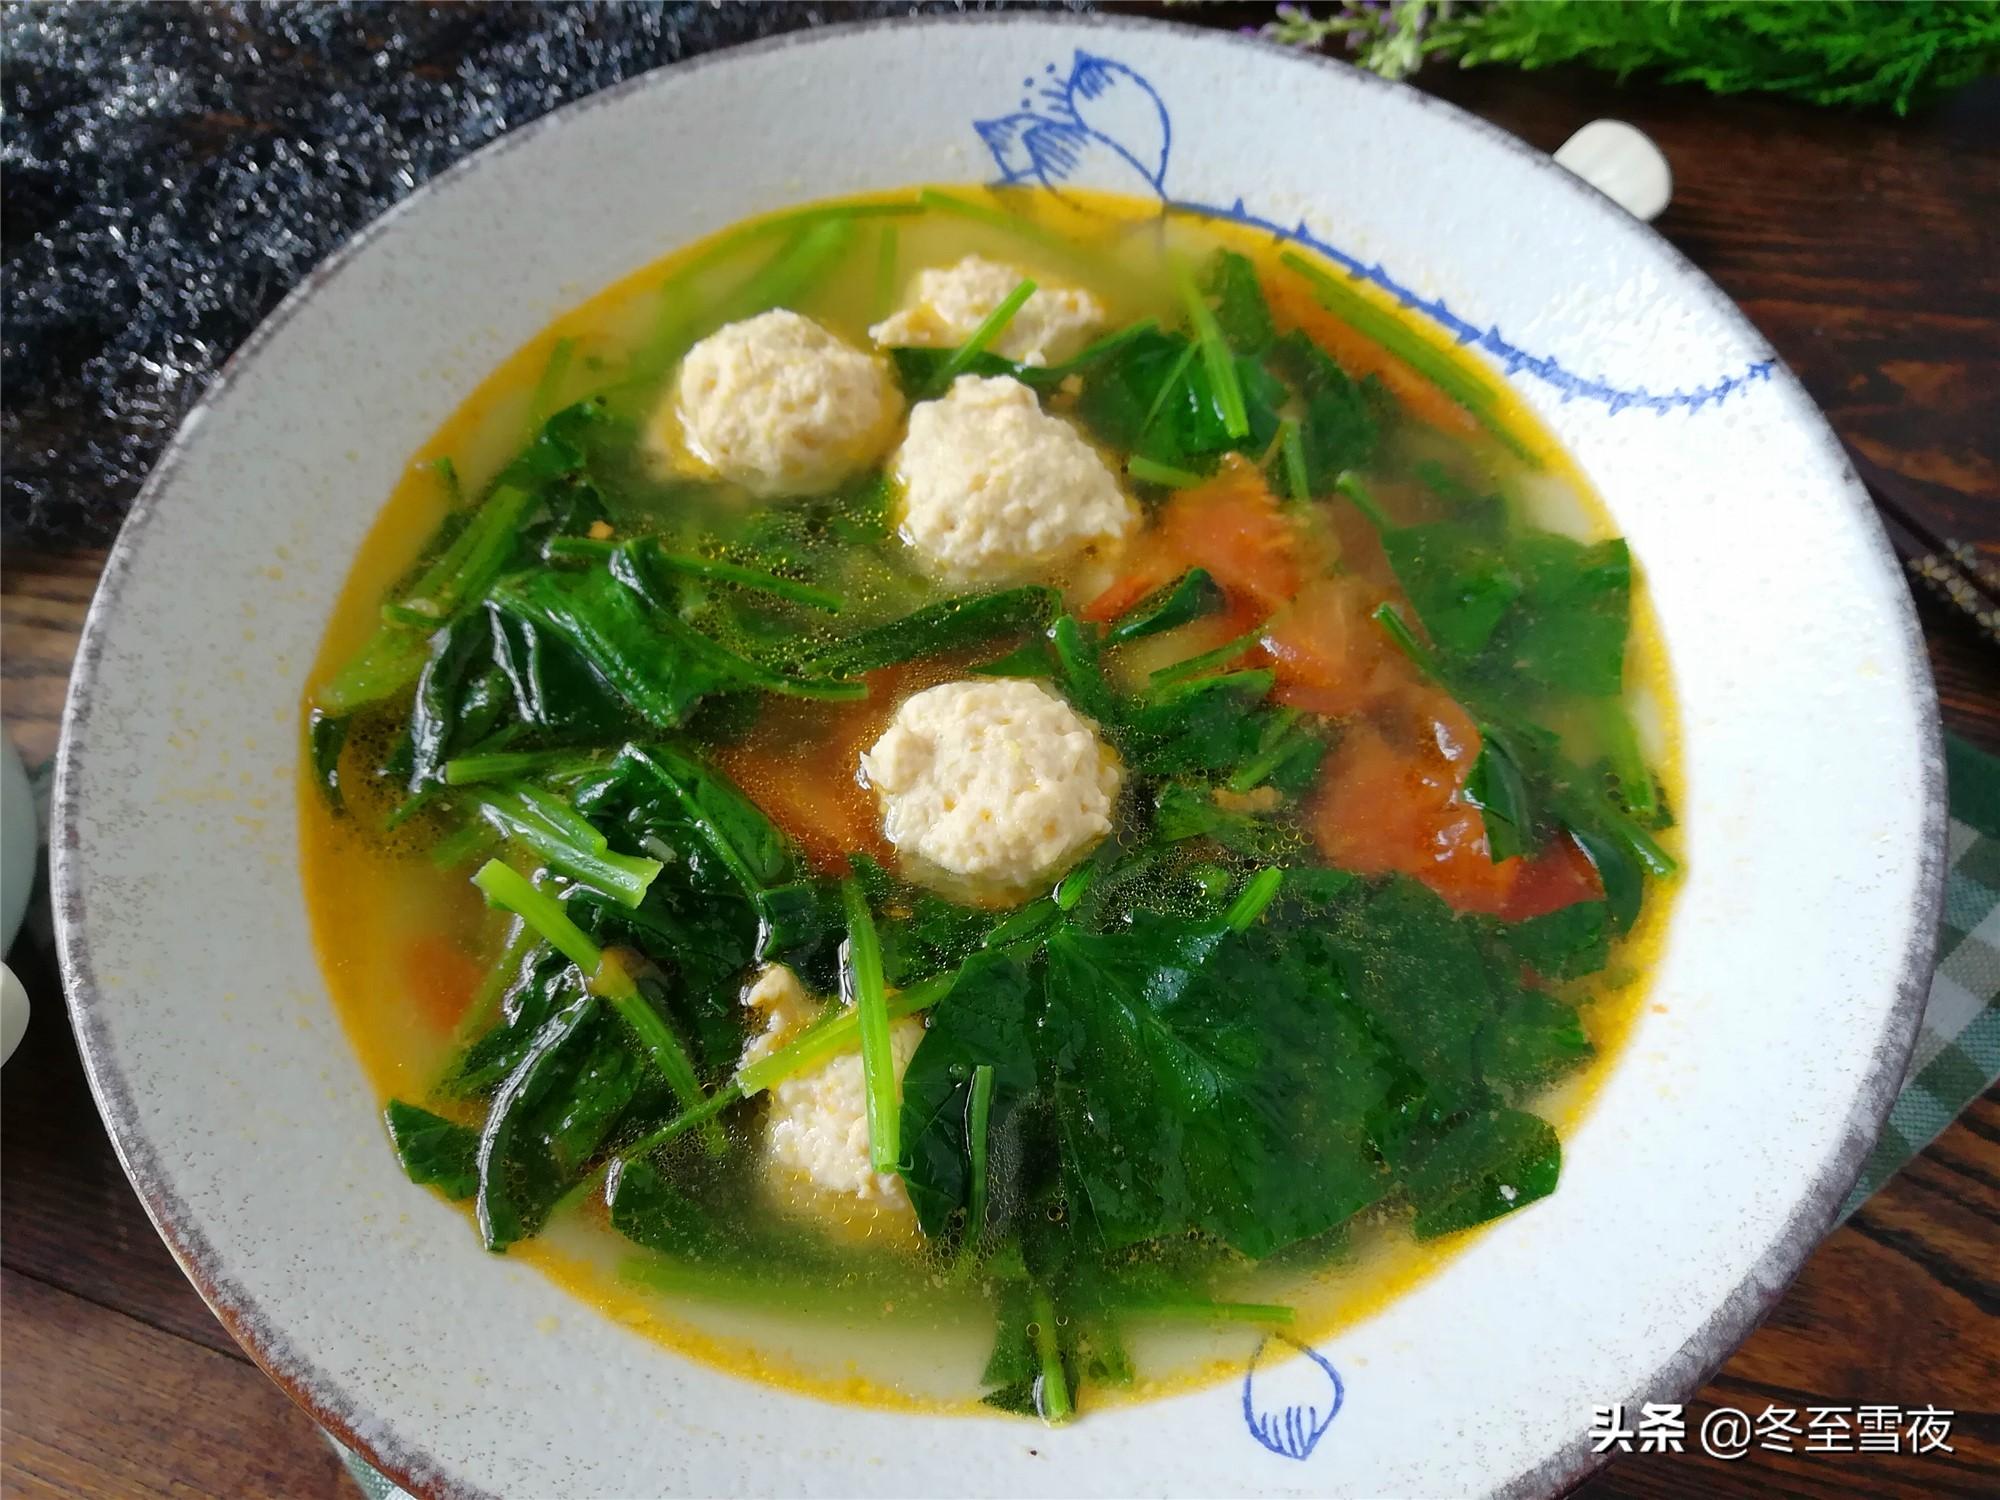 春菠菜做法,鲜嫩味美,祛春燥 美食做法 第7张